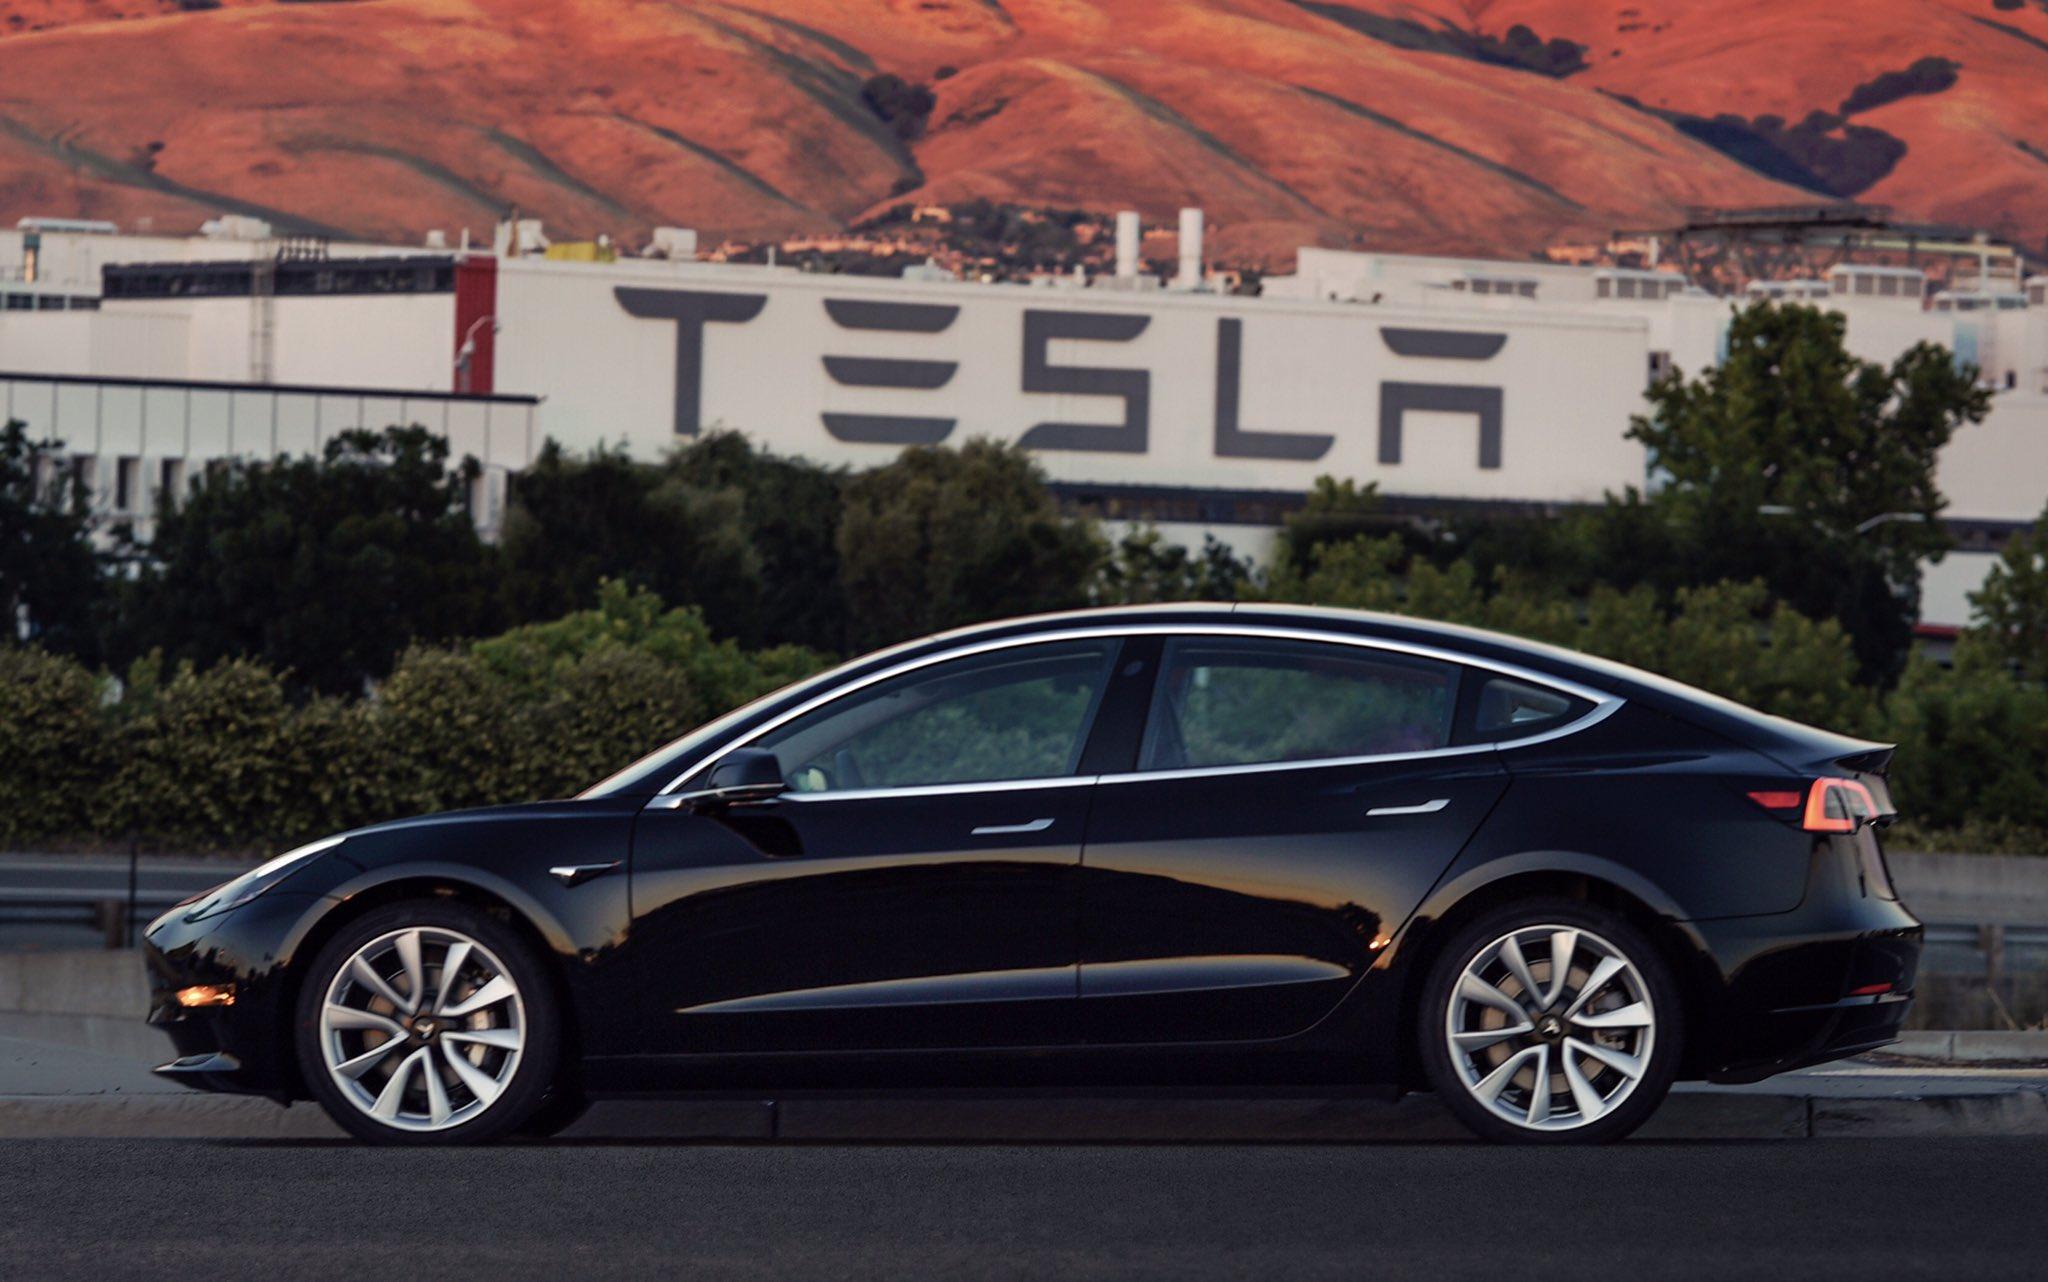 (From Elon Musk Twitter)